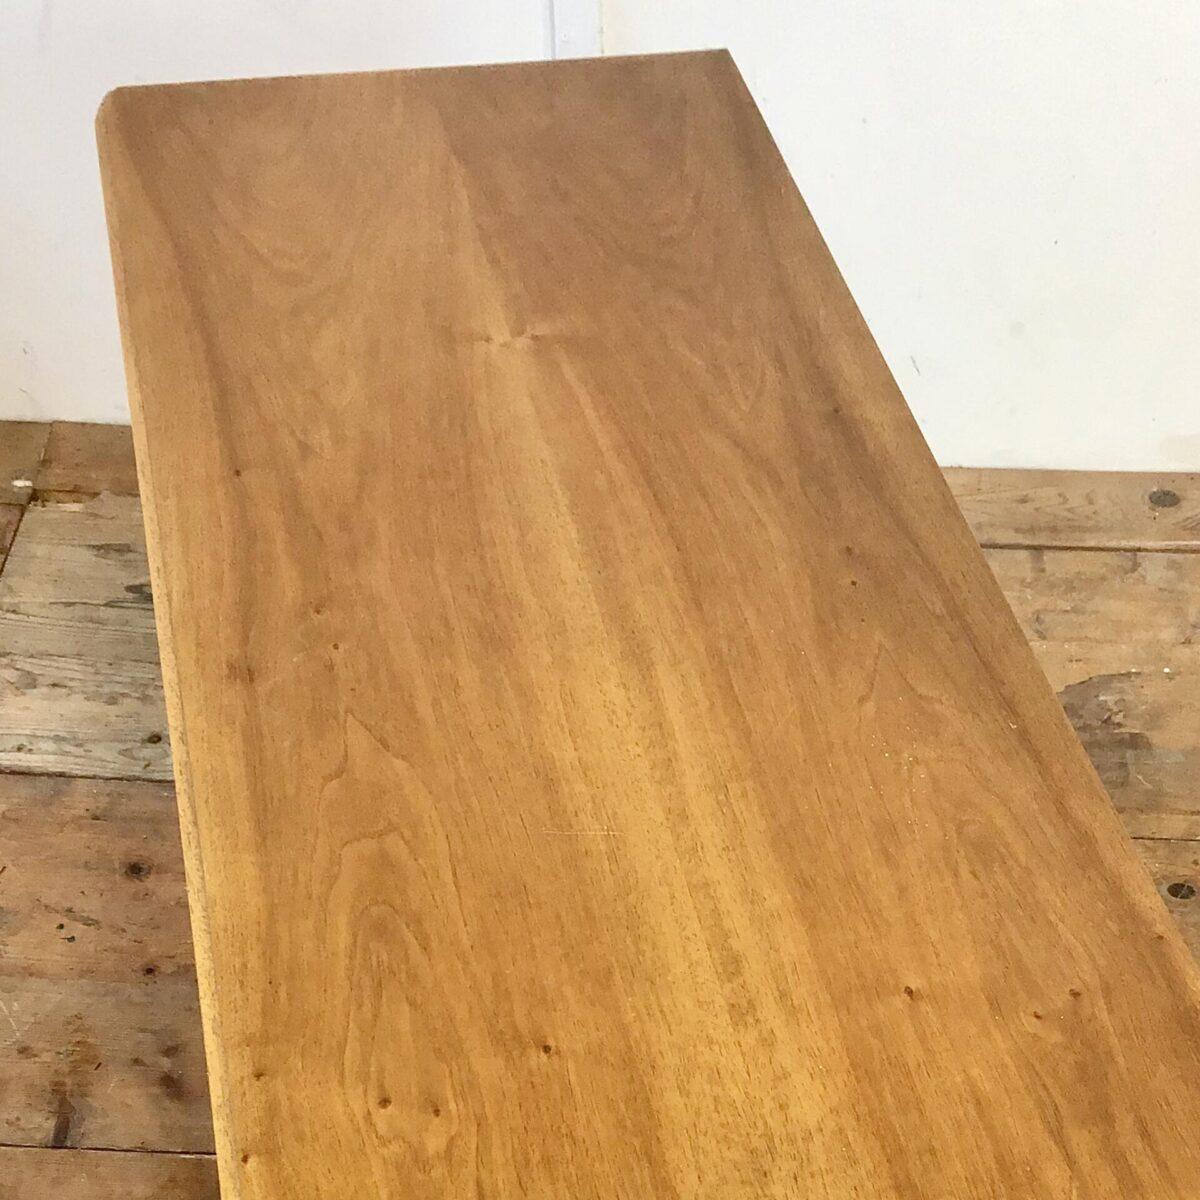 Midcentury Sideboard 116x48.5cm Höhe 64.5cm. Diese Kommode ist Nussbaum furniert, Schubladengriffe und die runden konischen Füsse, sind aus Ahorn Vollholz. In der abschliessbaren Türfront sind Kunststoff Filets eingelassen.